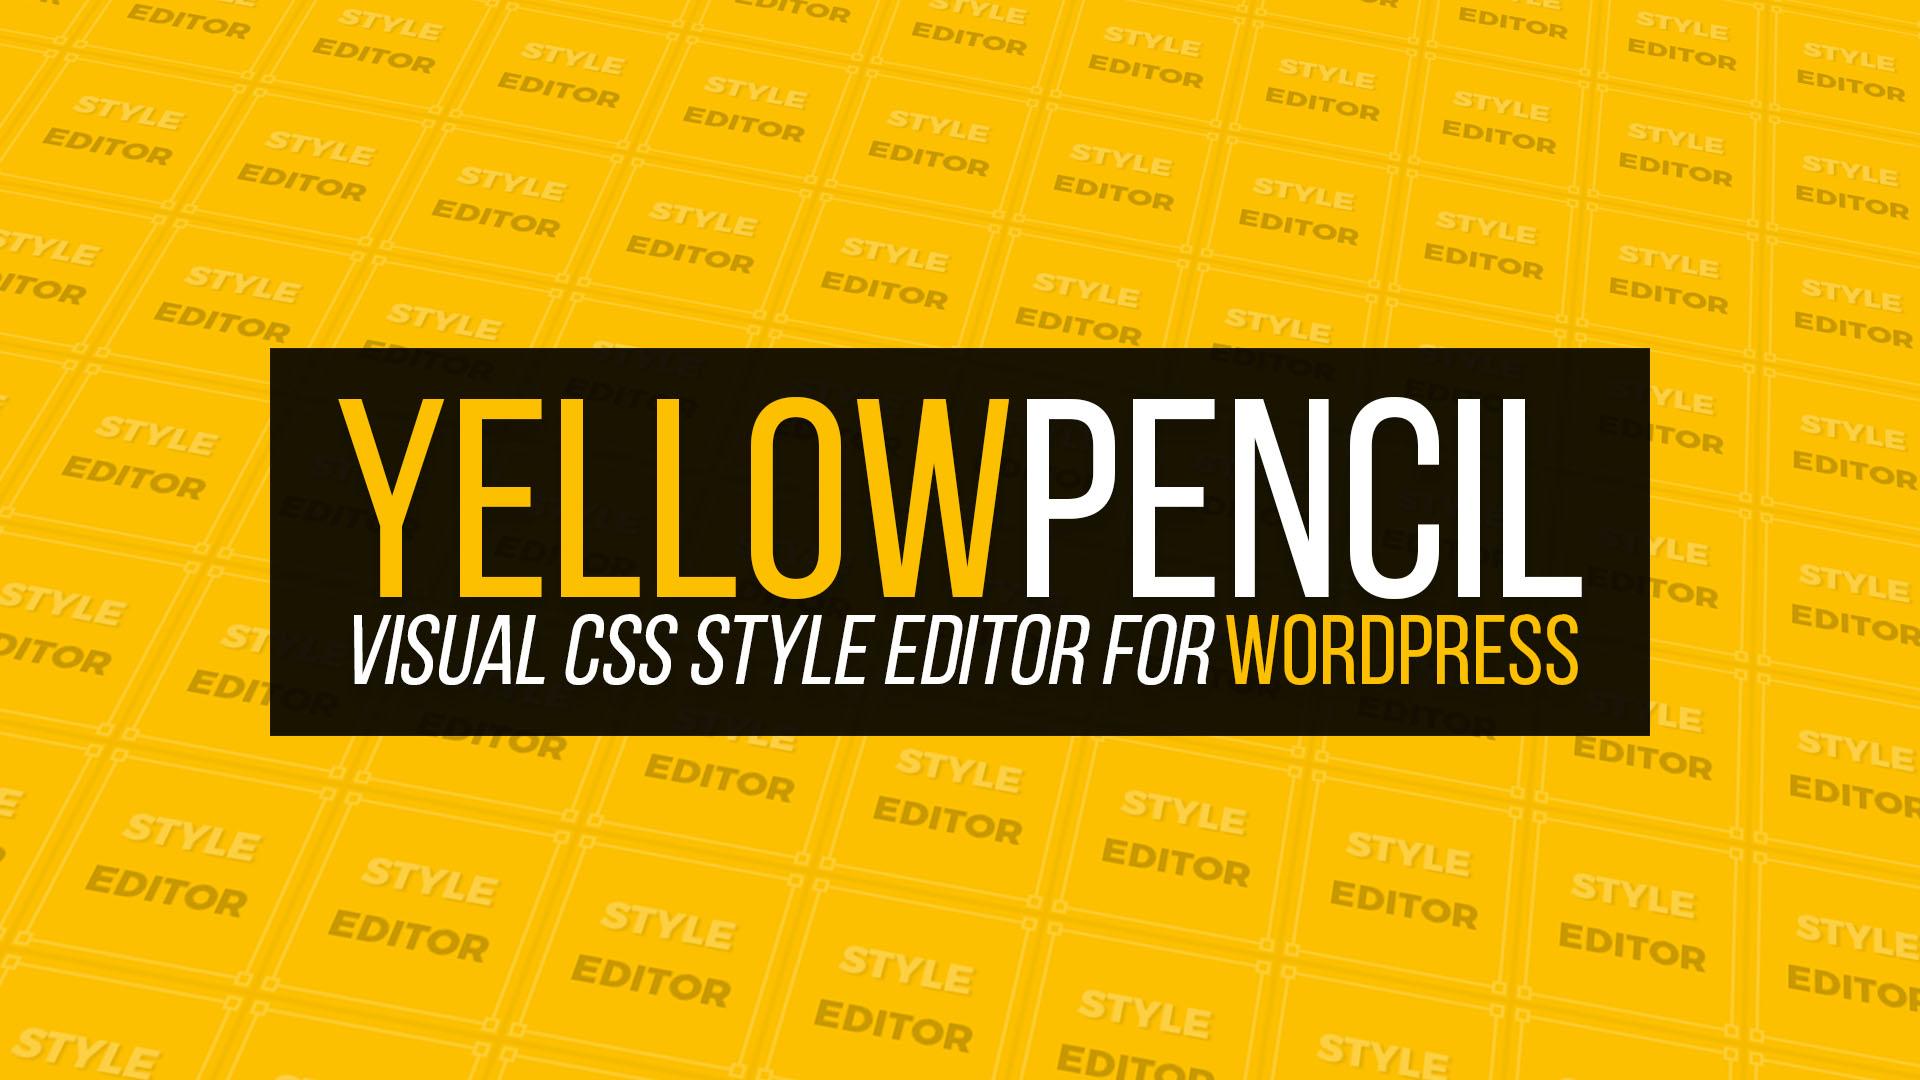 تغییرات در سایت با مداد زرد